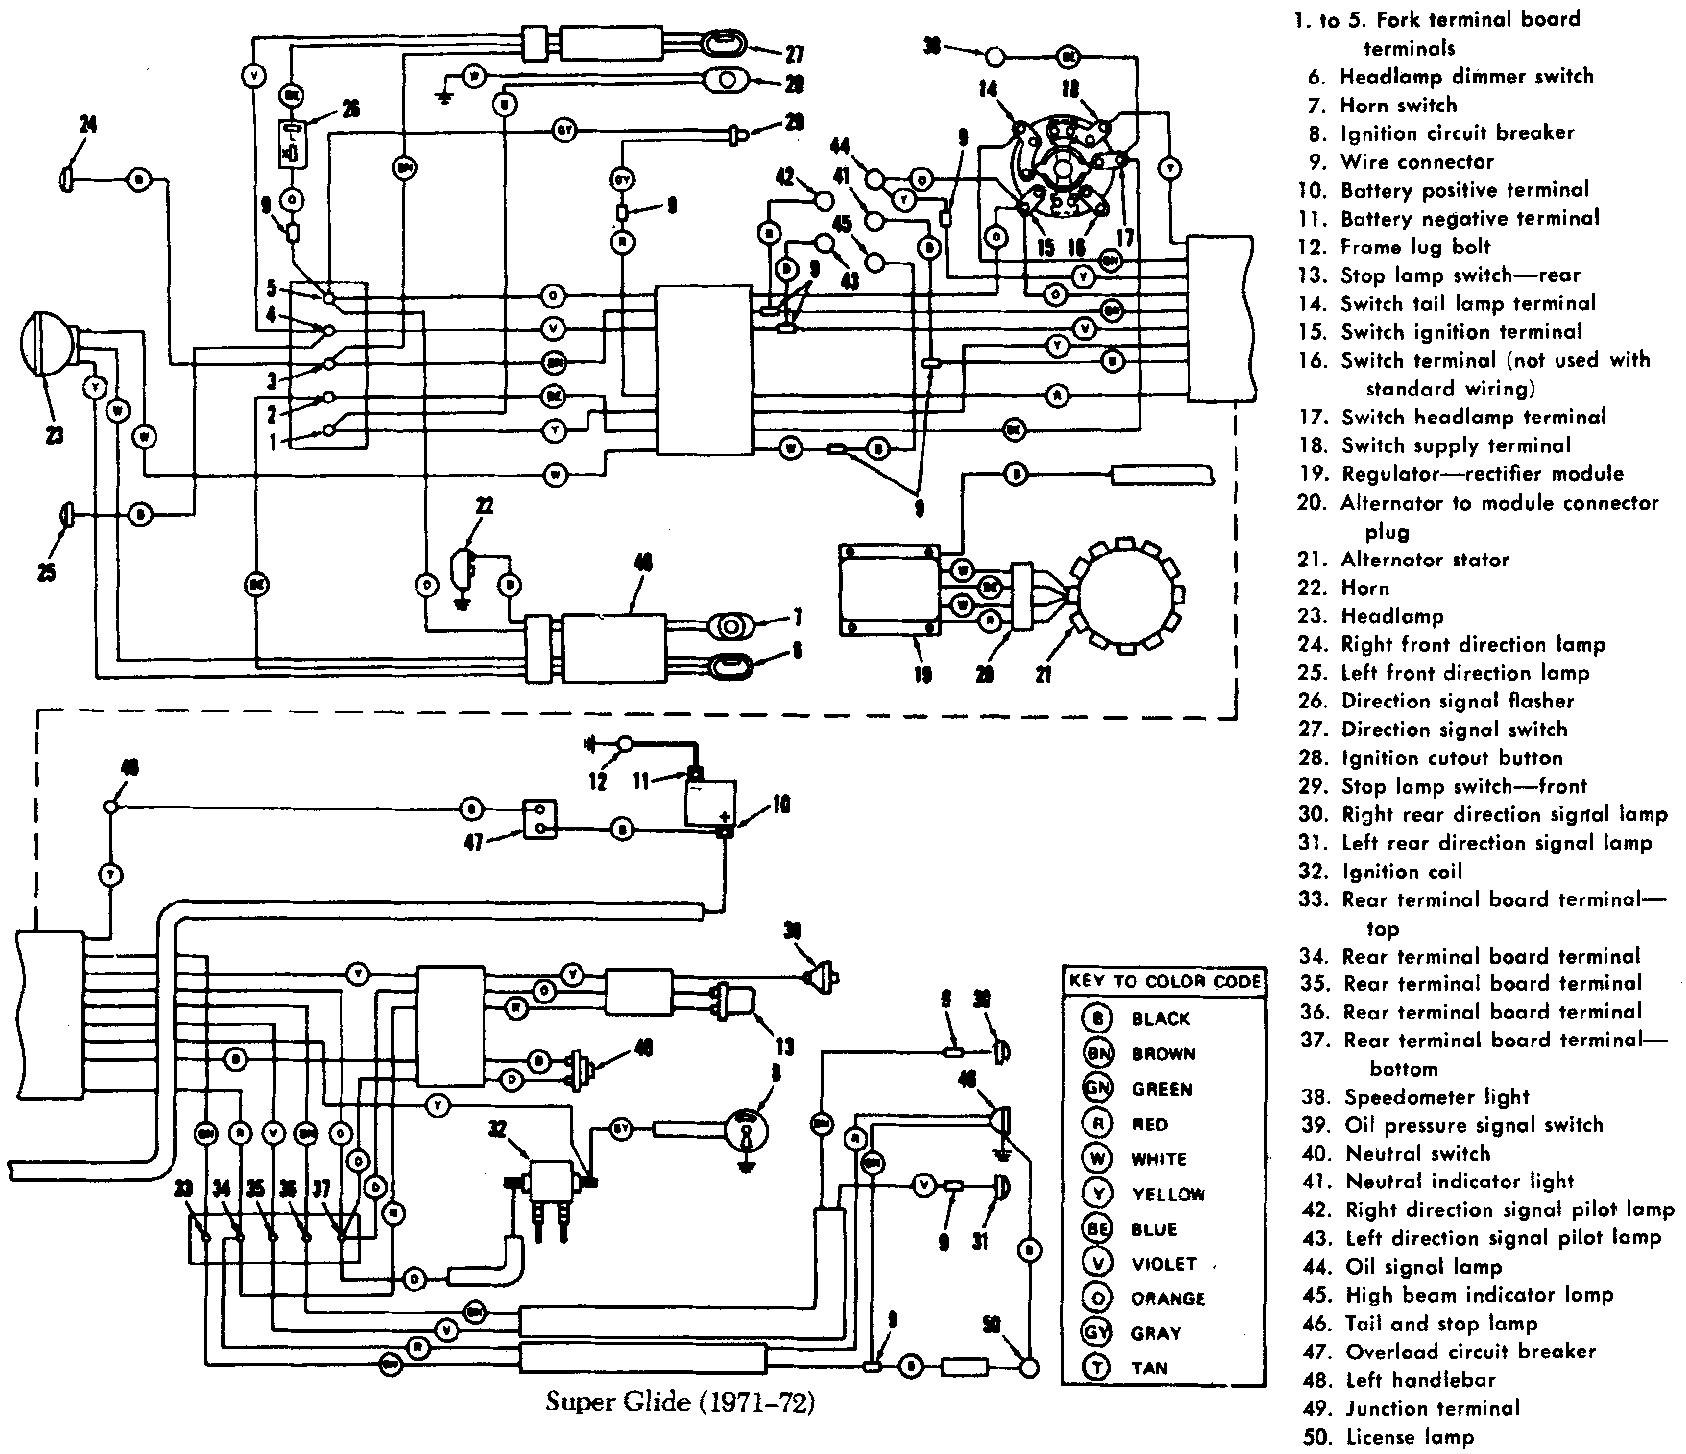 1976 harley davidson wiring diagram